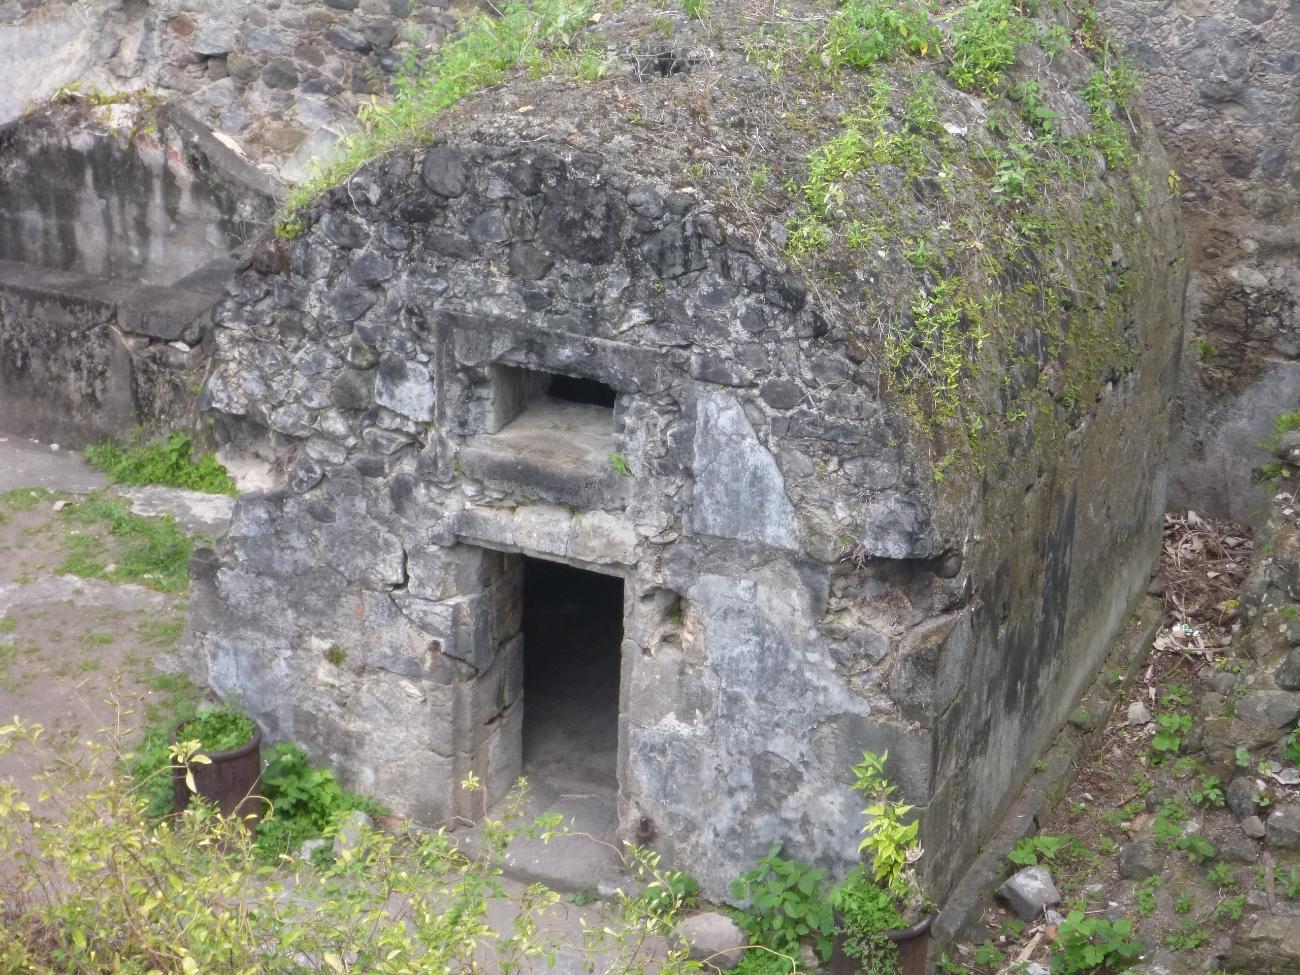 Eneste overlevende satt i dette fengslet.